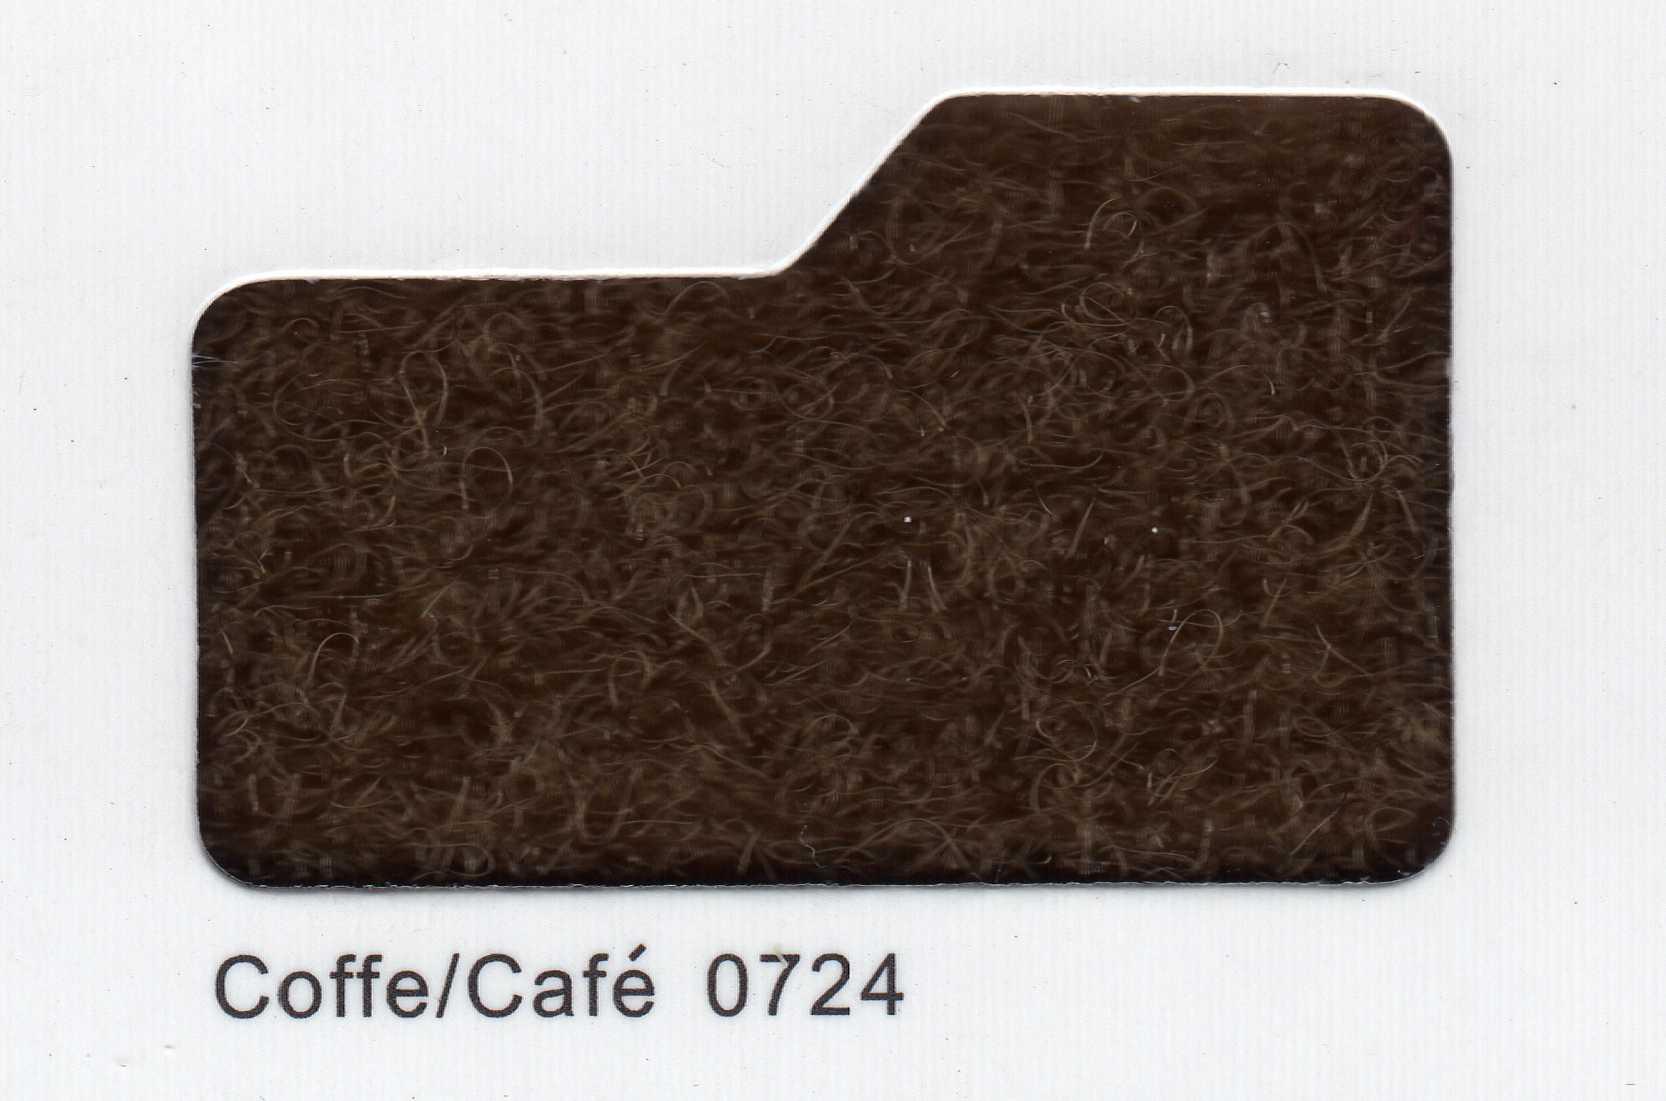 Cinta de cierre Velcro-Veraco 30mm Café 0724 (Gancho).